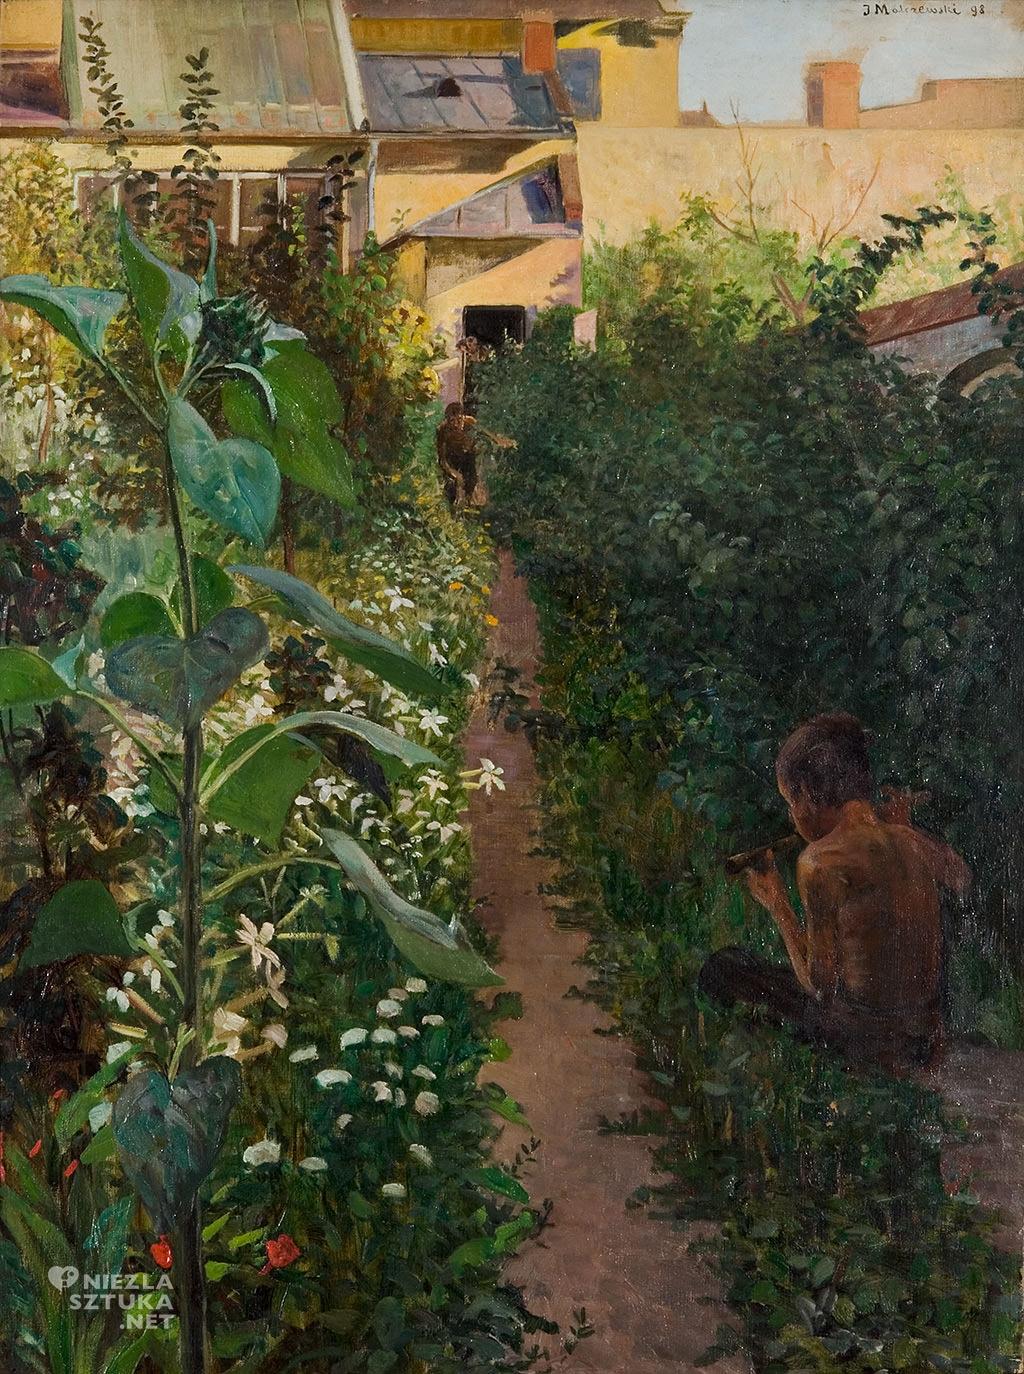 Jacek Malczewski, W ogrodzie, malarstwo polskie, sztuka polska, Niezła sztuka